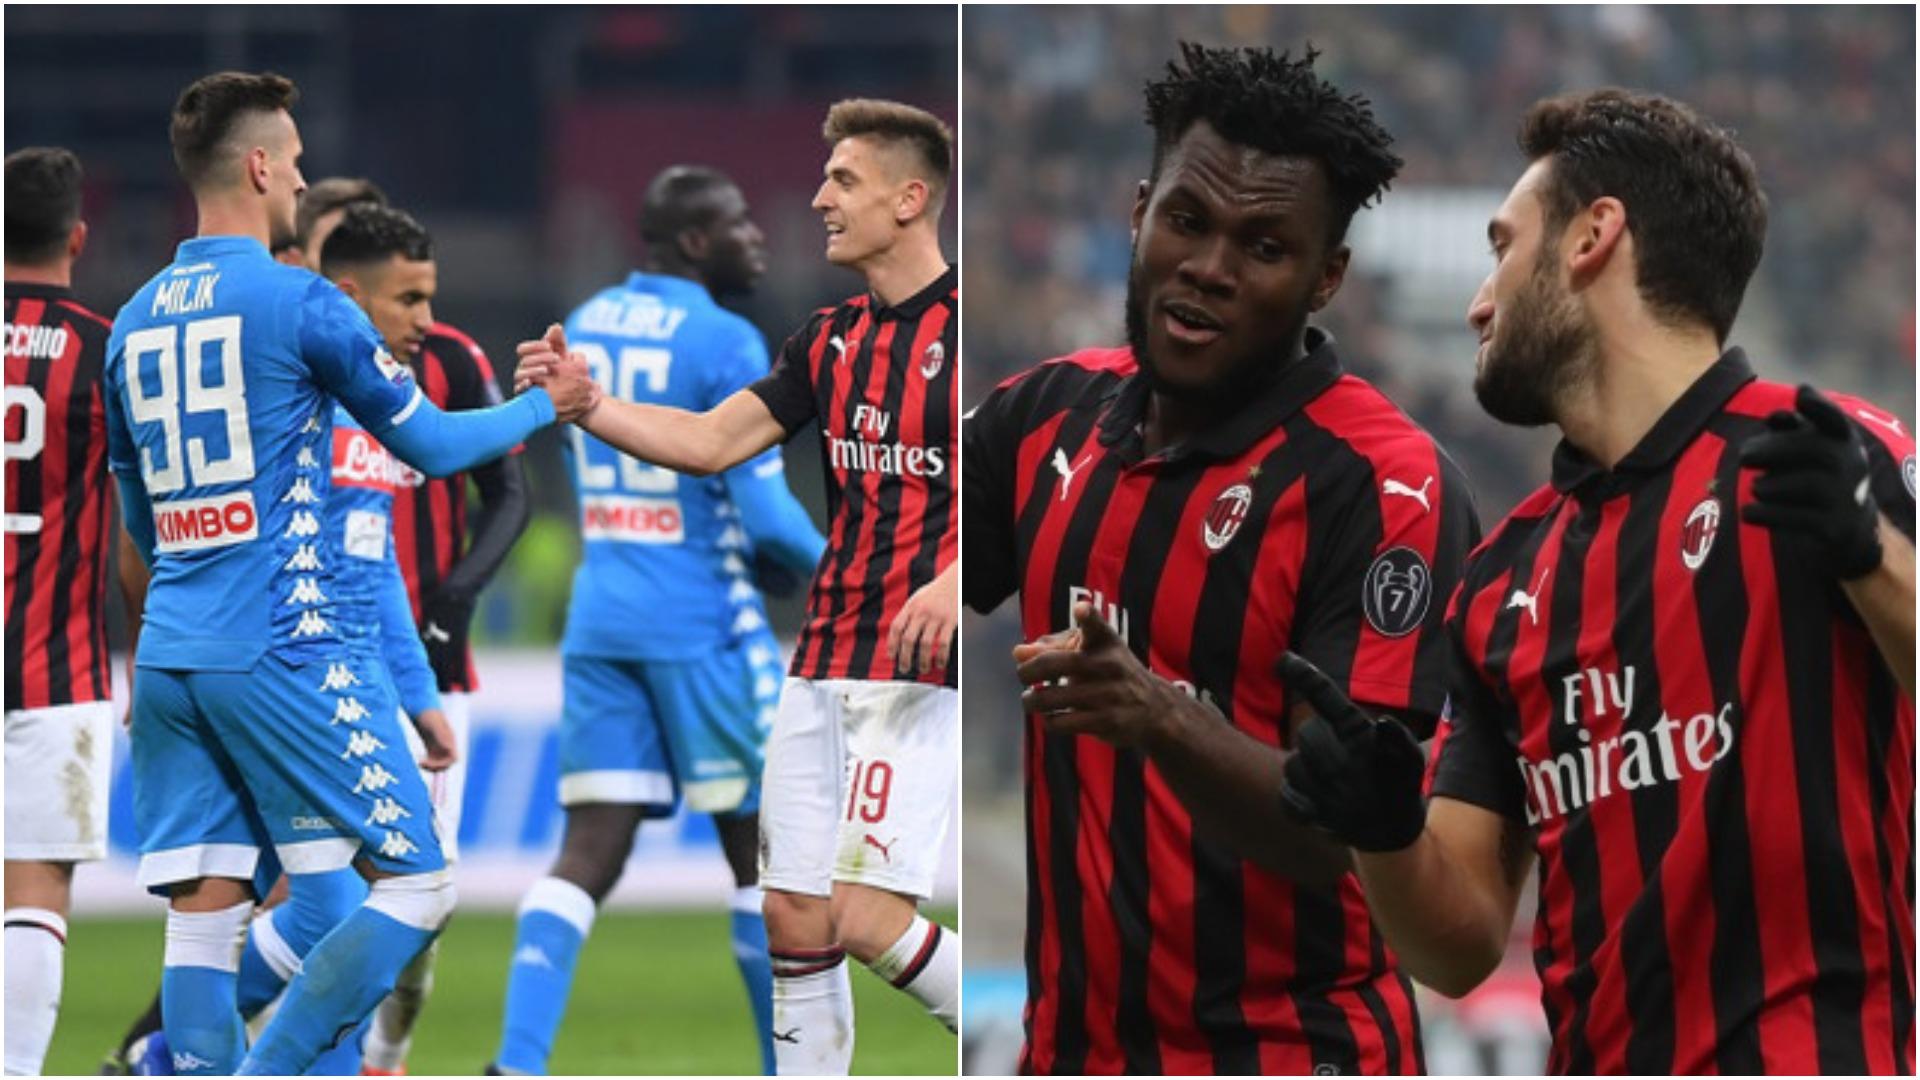 Tentohet Milik, Milani i ofron Gattusos lojtarin e preferuar